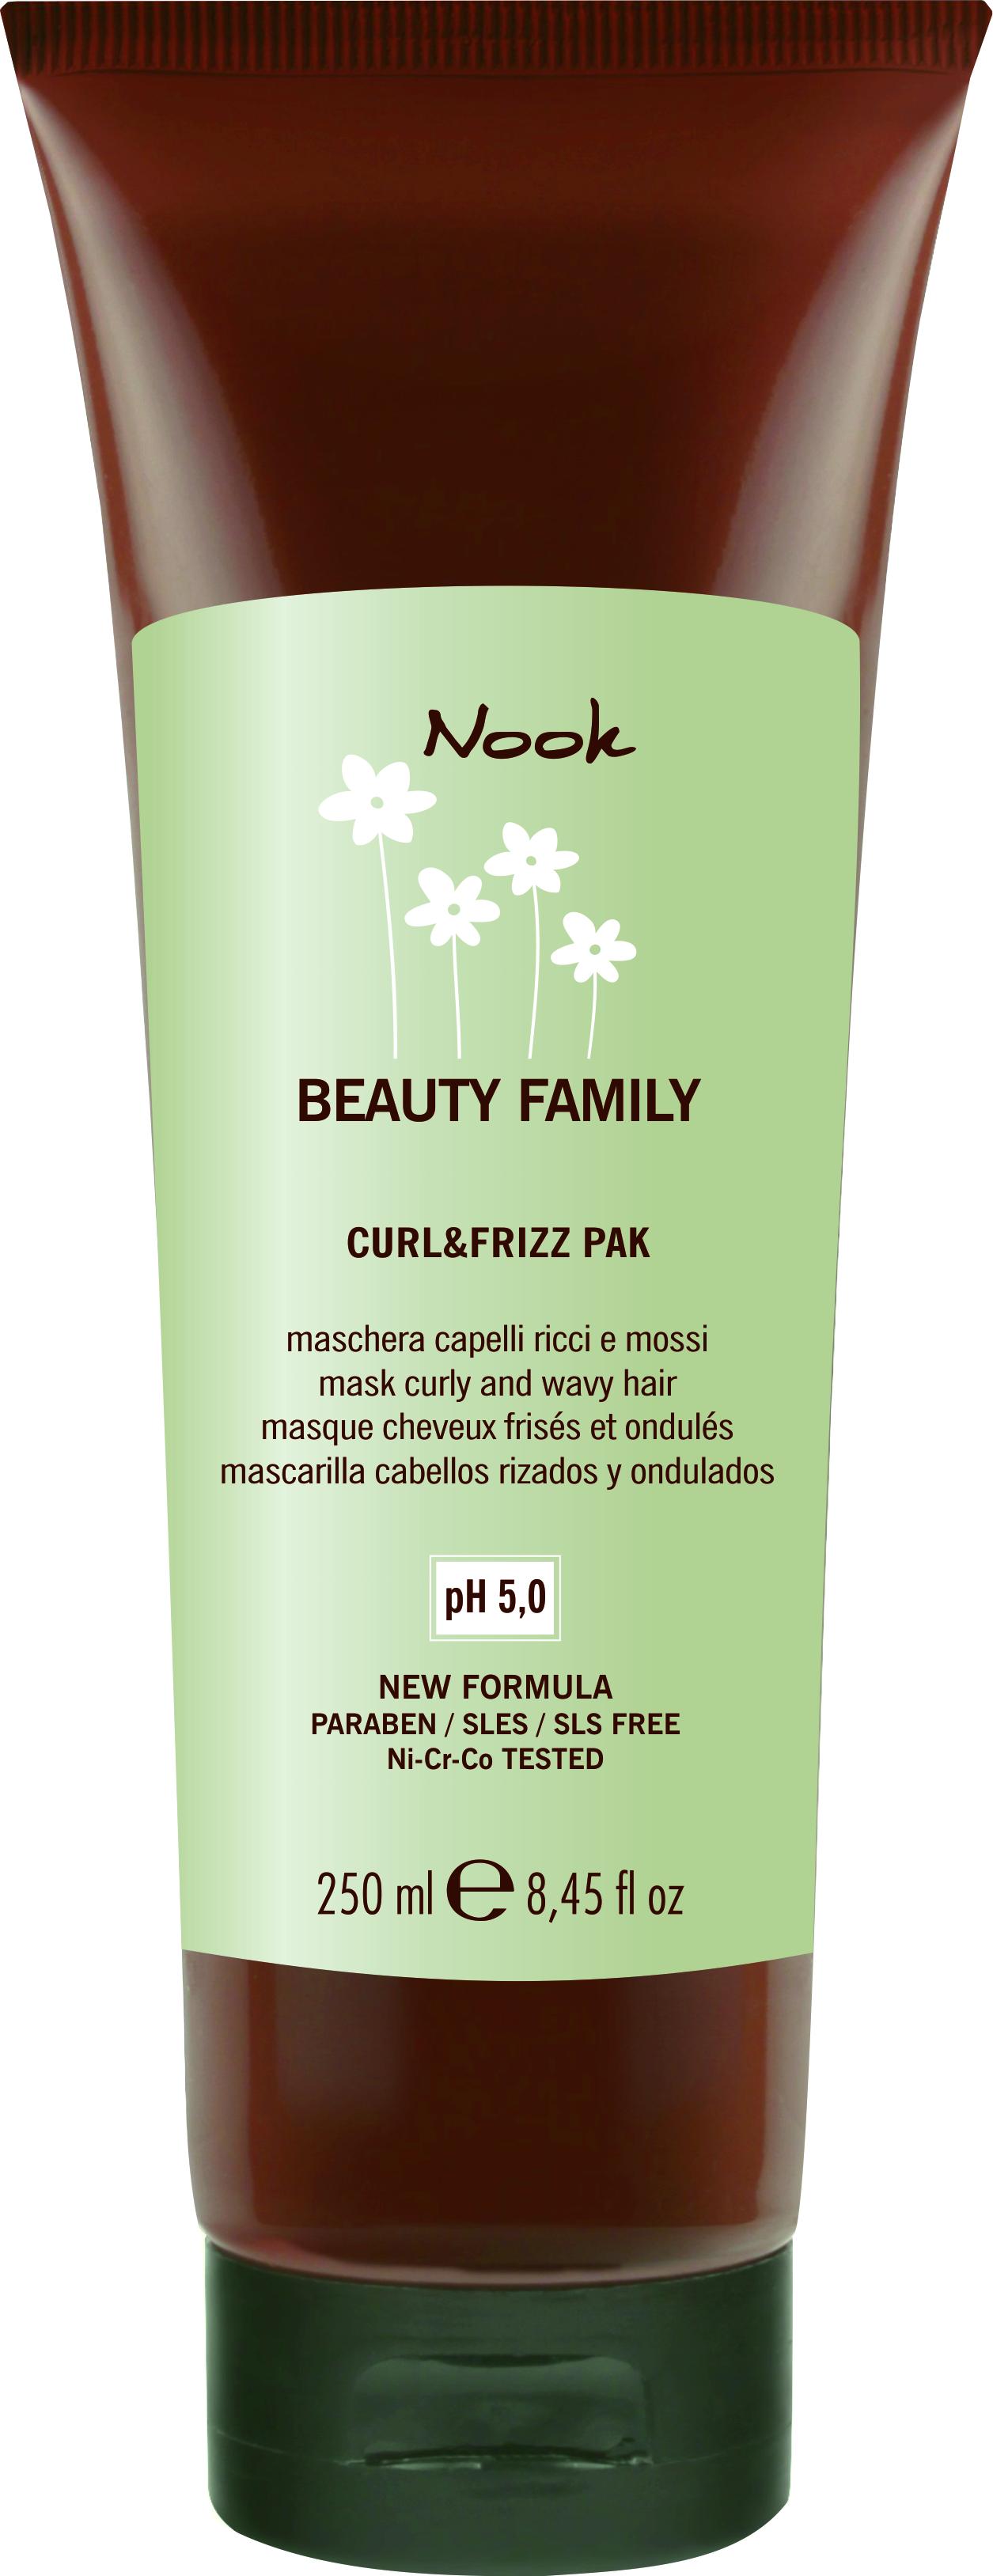 NOOK Маска для кудрявых волос Ph 5,0 / Curl  Friz Pak BEAUTY FAMILY 250 мл